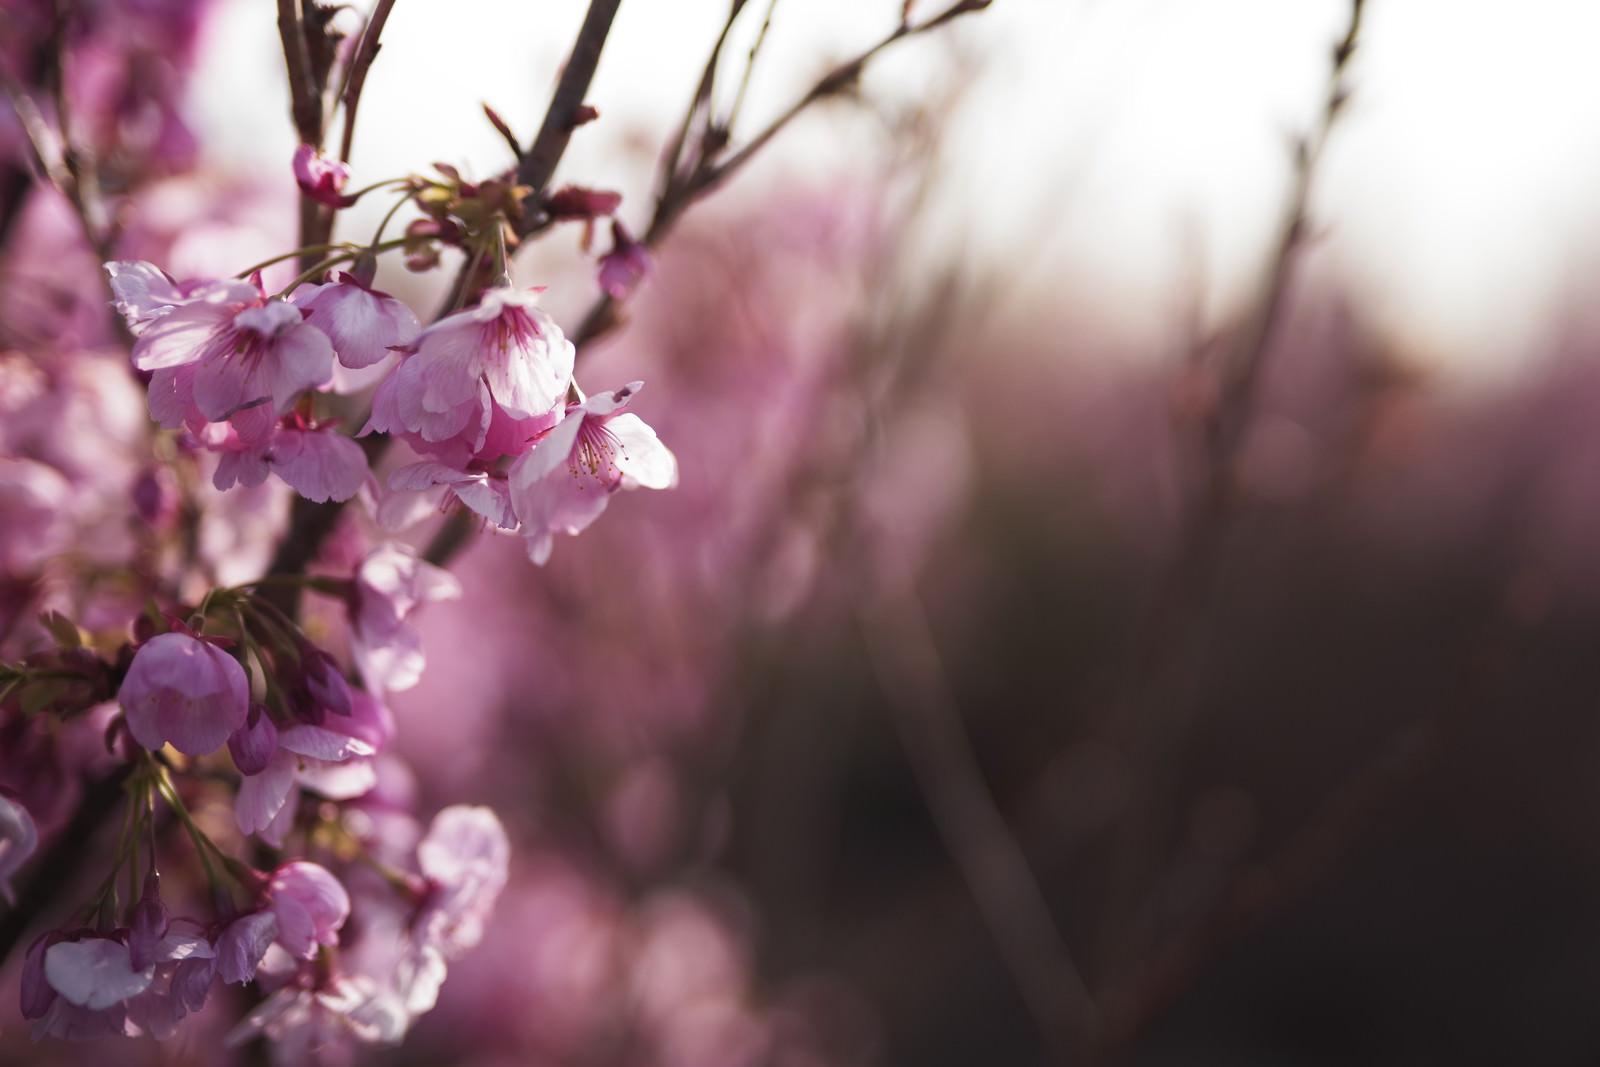 「朝の花畑に咲く桜の花」の写真